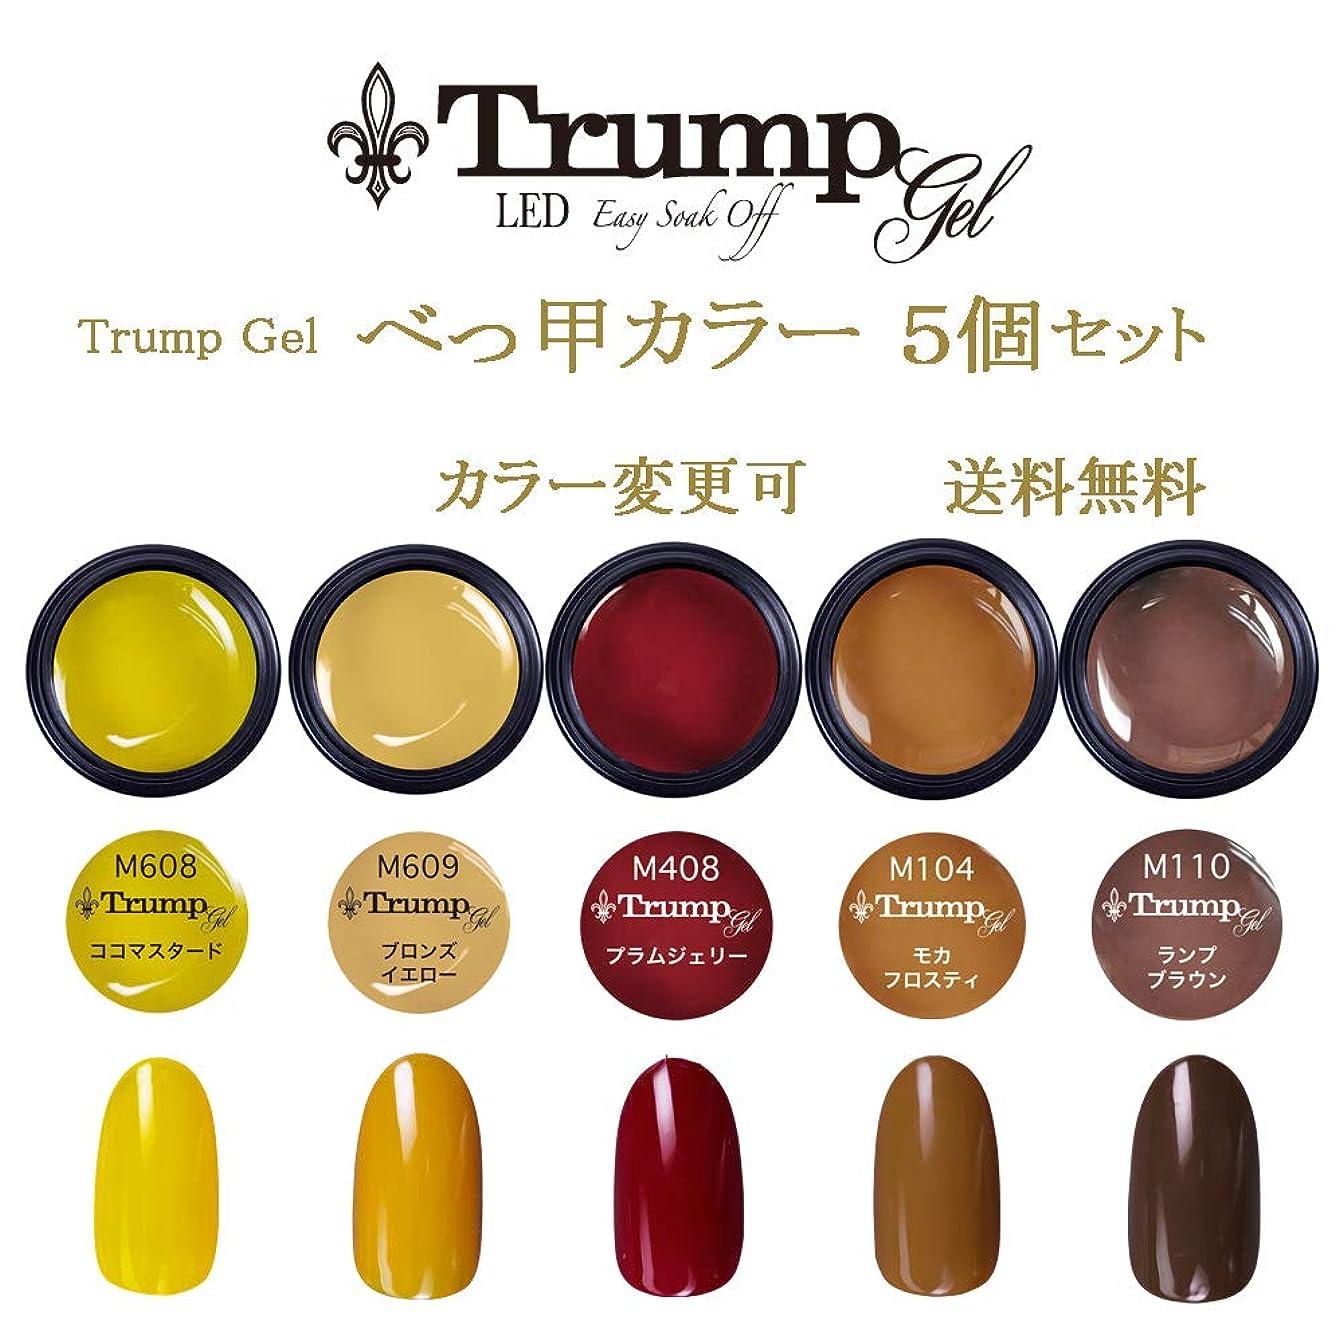 専らスナップ剃る【送料無料】日本製 Trump gel トランプジェル べっ甲カラー ブラウン系 選べる カラージェル 5個セット べっ甲ネイル ベージュ ブラウン マスタード カラー